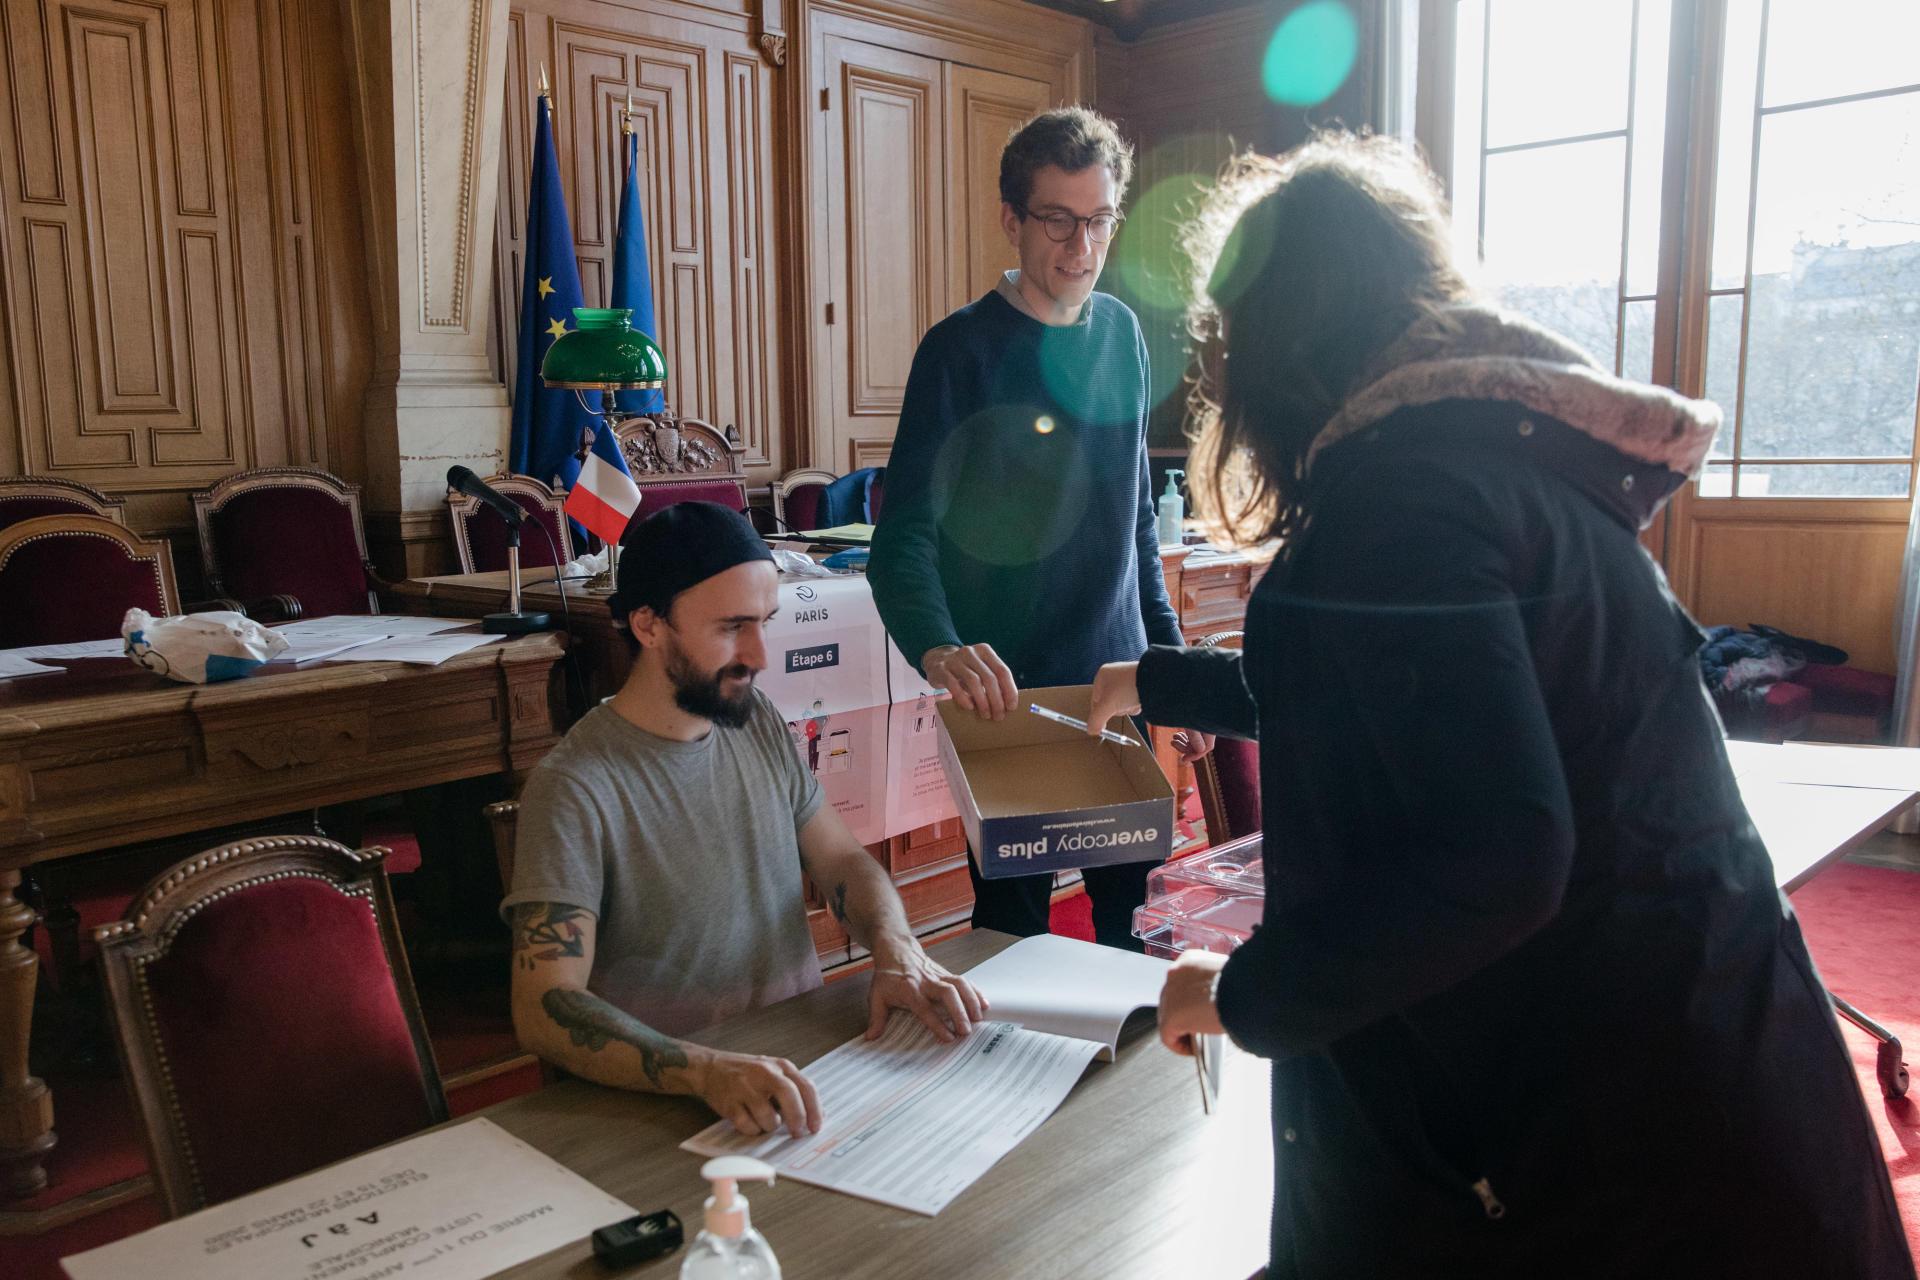 Dans un bureau de vote du 11e arrondissement de Paris, le 15 mars 2020. Les stylos utilisés sont nettoyés après usage.